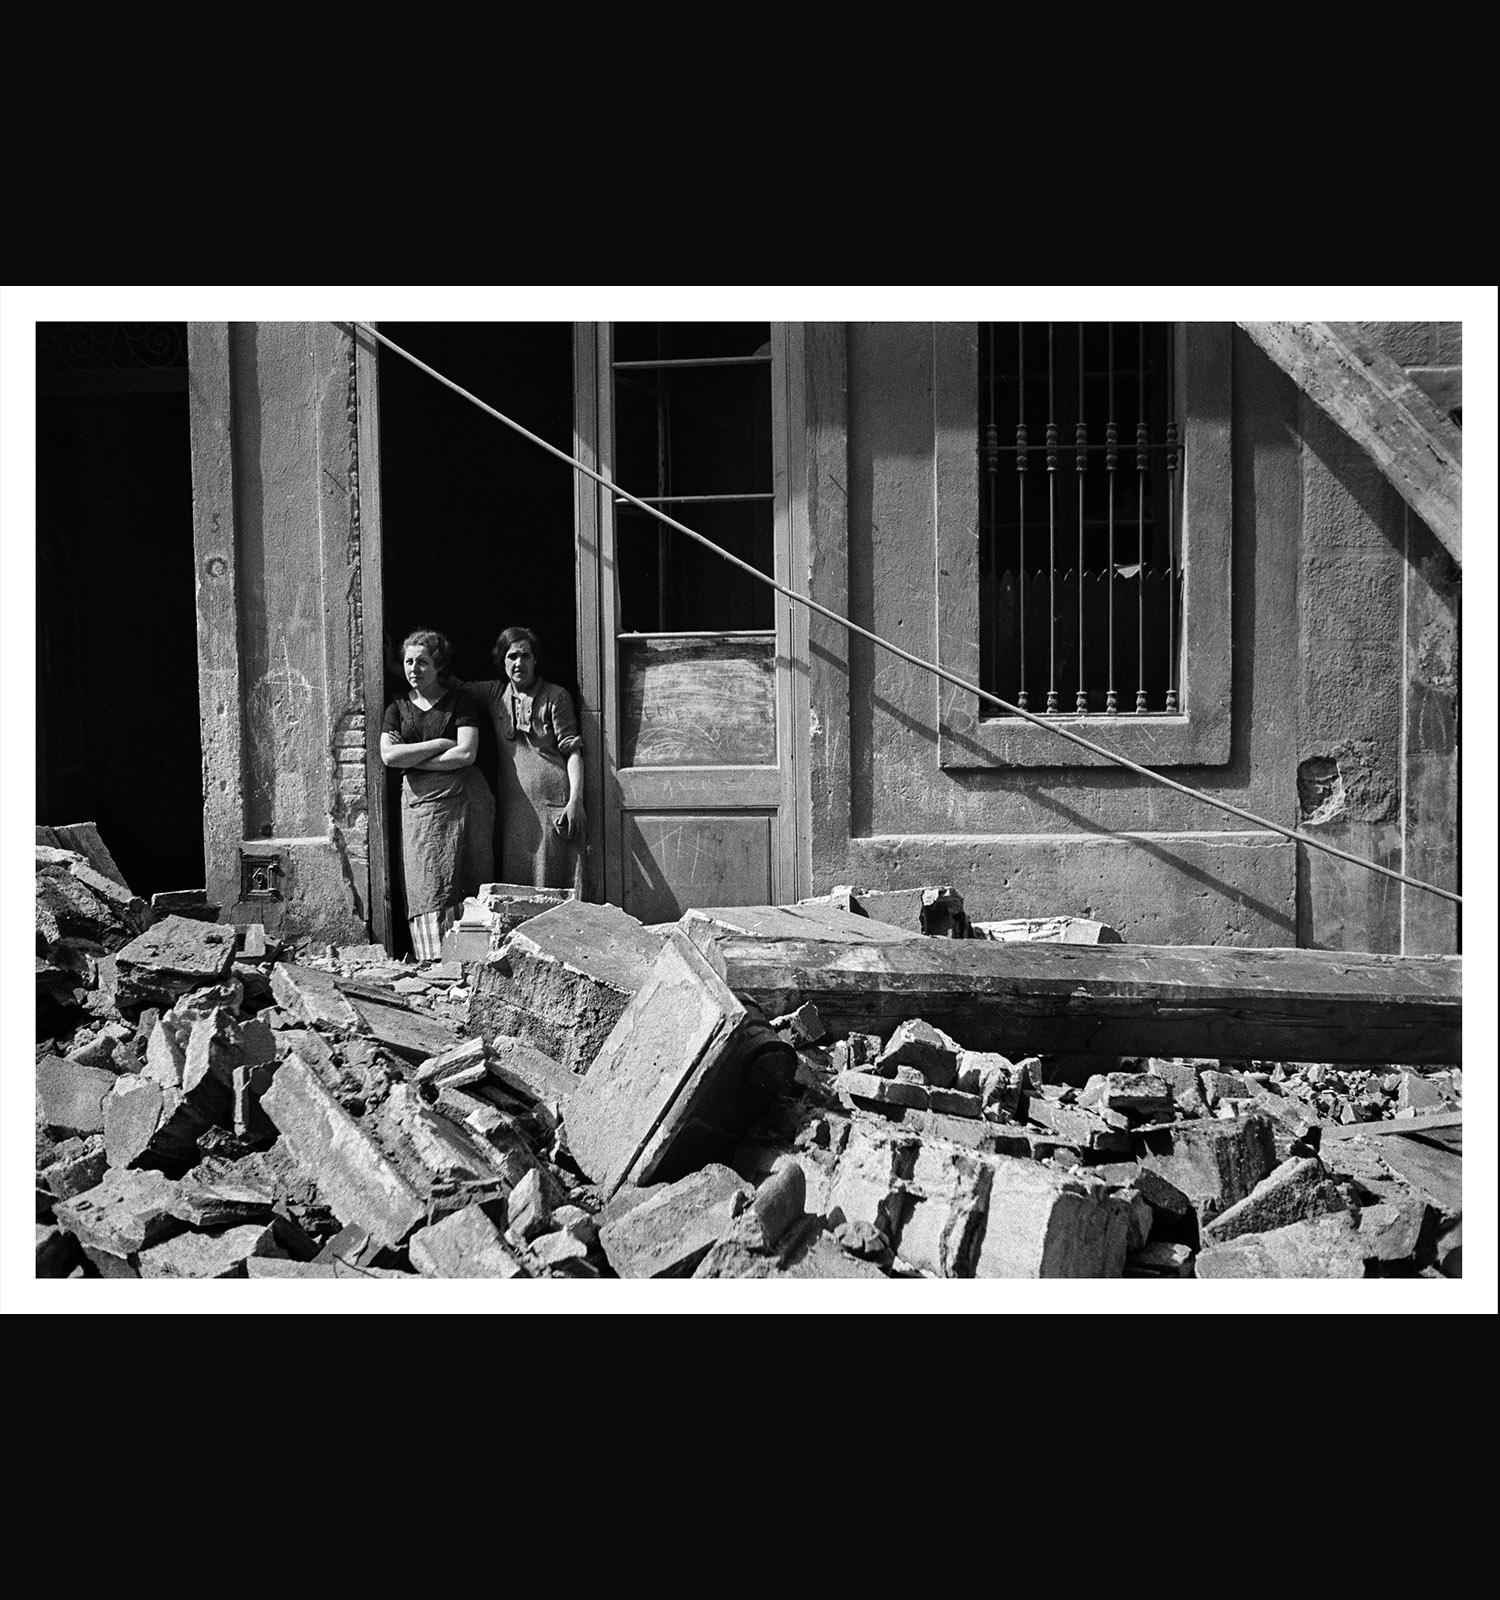 Antoni Campañà. Sense títol [Dues dones després d'un bombardeig], Poble-Sec, Barcelona, 14 de març de 1937. Arxiu Campañà